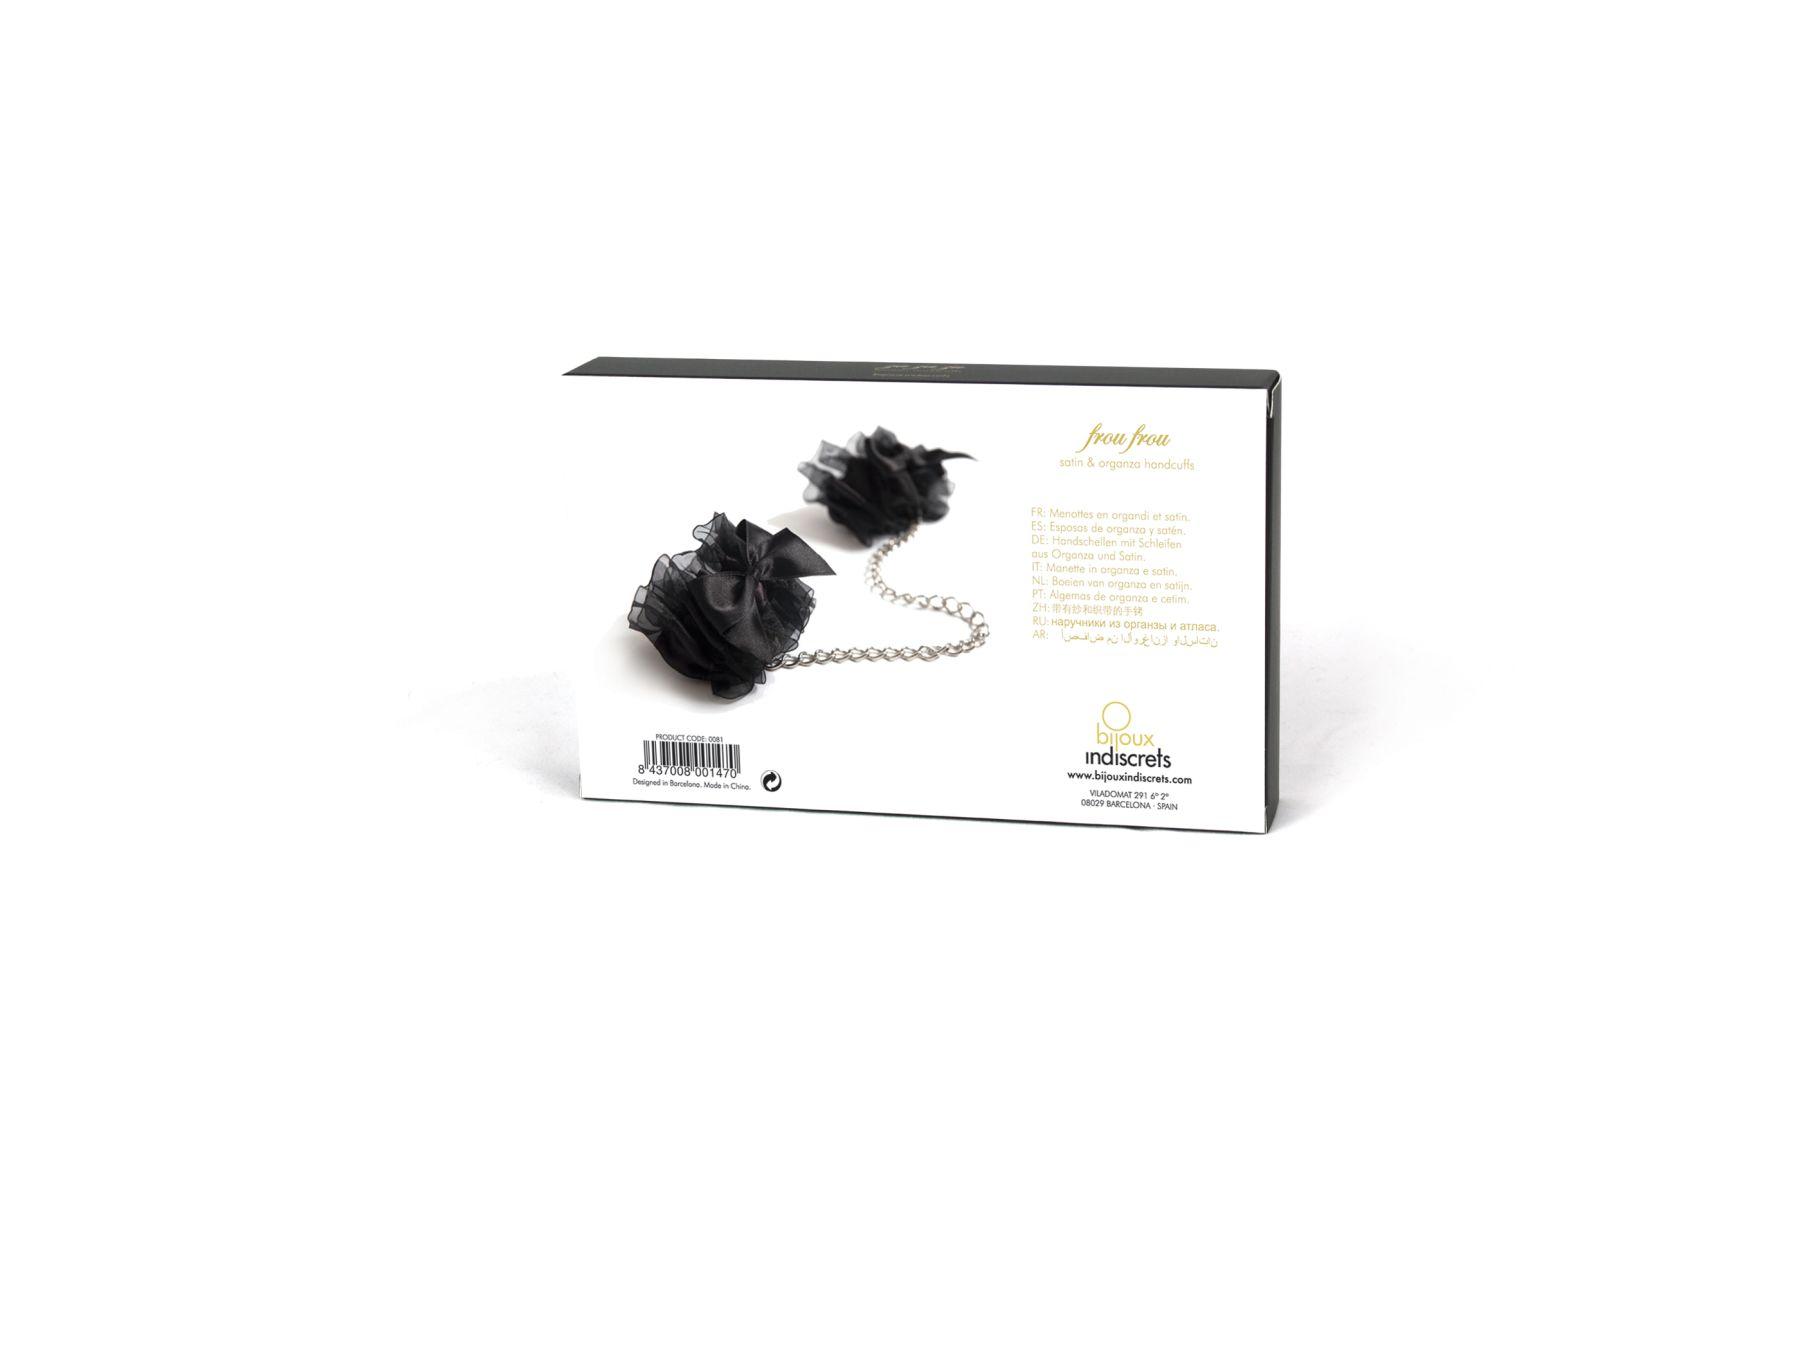 БДСМ наручники - Наручники Bijoux Indiscrets - Frou Frou Organza handcuffs 2